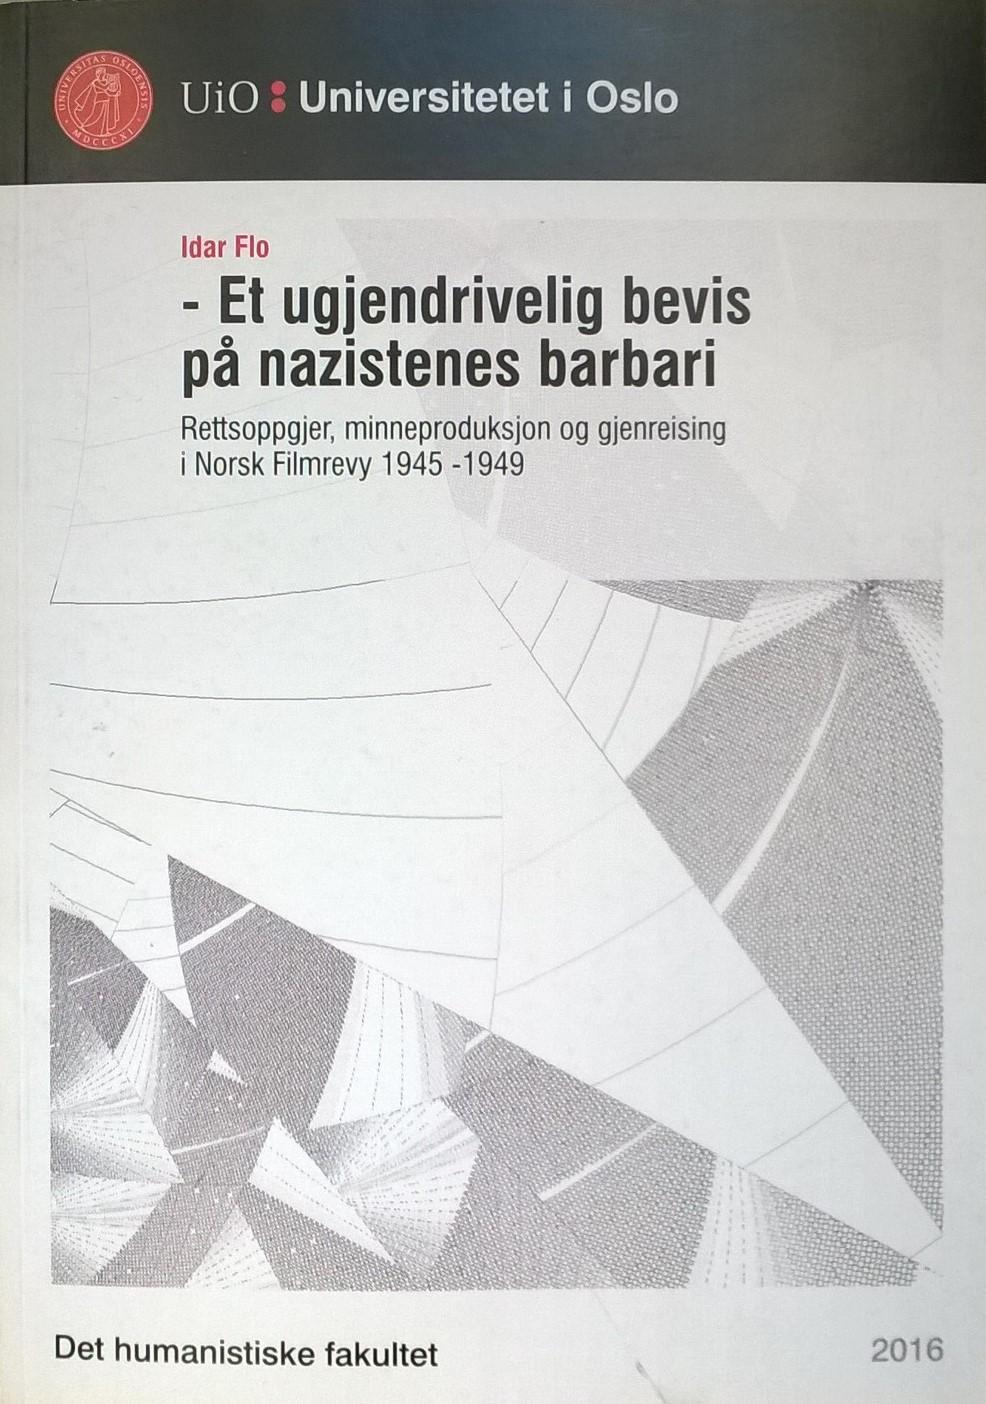 Flo, Idar – Et ugjendrivelig bevis på nazistenes barbari: Rettsoppgjer, minneproduksjon og gjenreising i Norsk Filmrevy 1945—1949